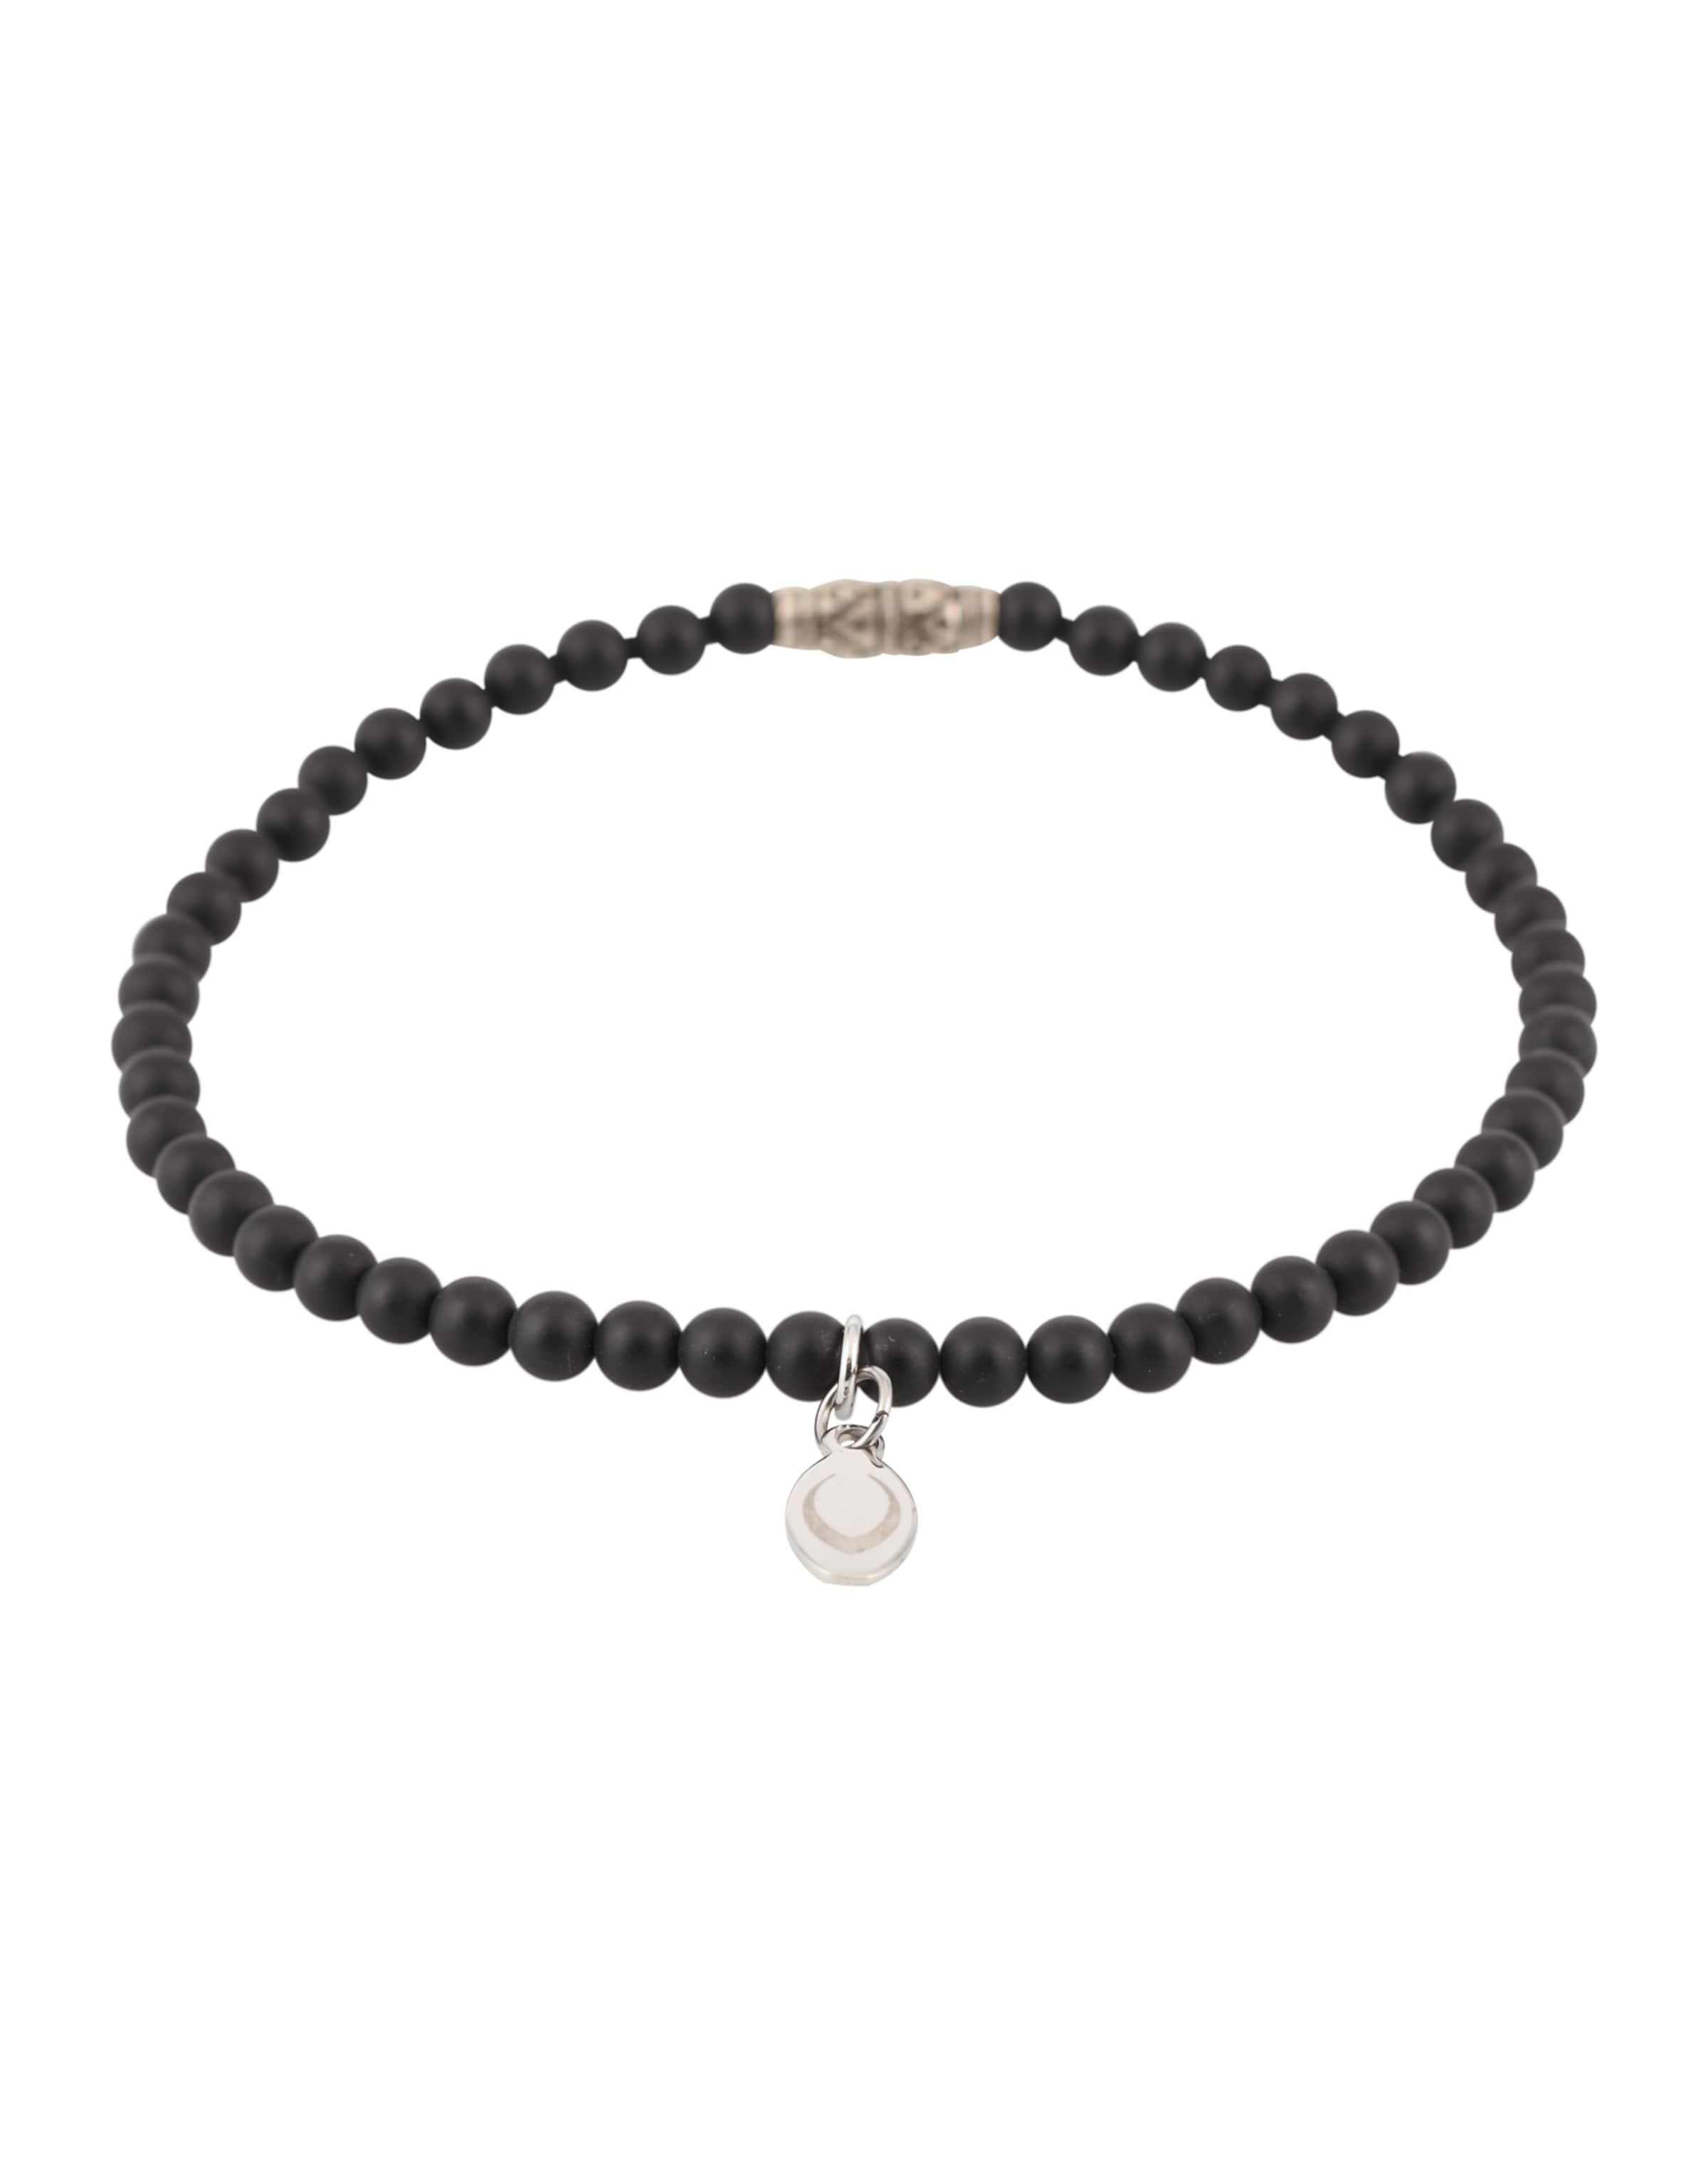 ROYAL-EGO Armband mit Perlen Spielraum Breite Palette Von Auslass Ausgezeichnet Zum Verkauf Der Billigsten Spielraum Günstig Online Billige Schnelle Lieferung Nf9yK0OKfI